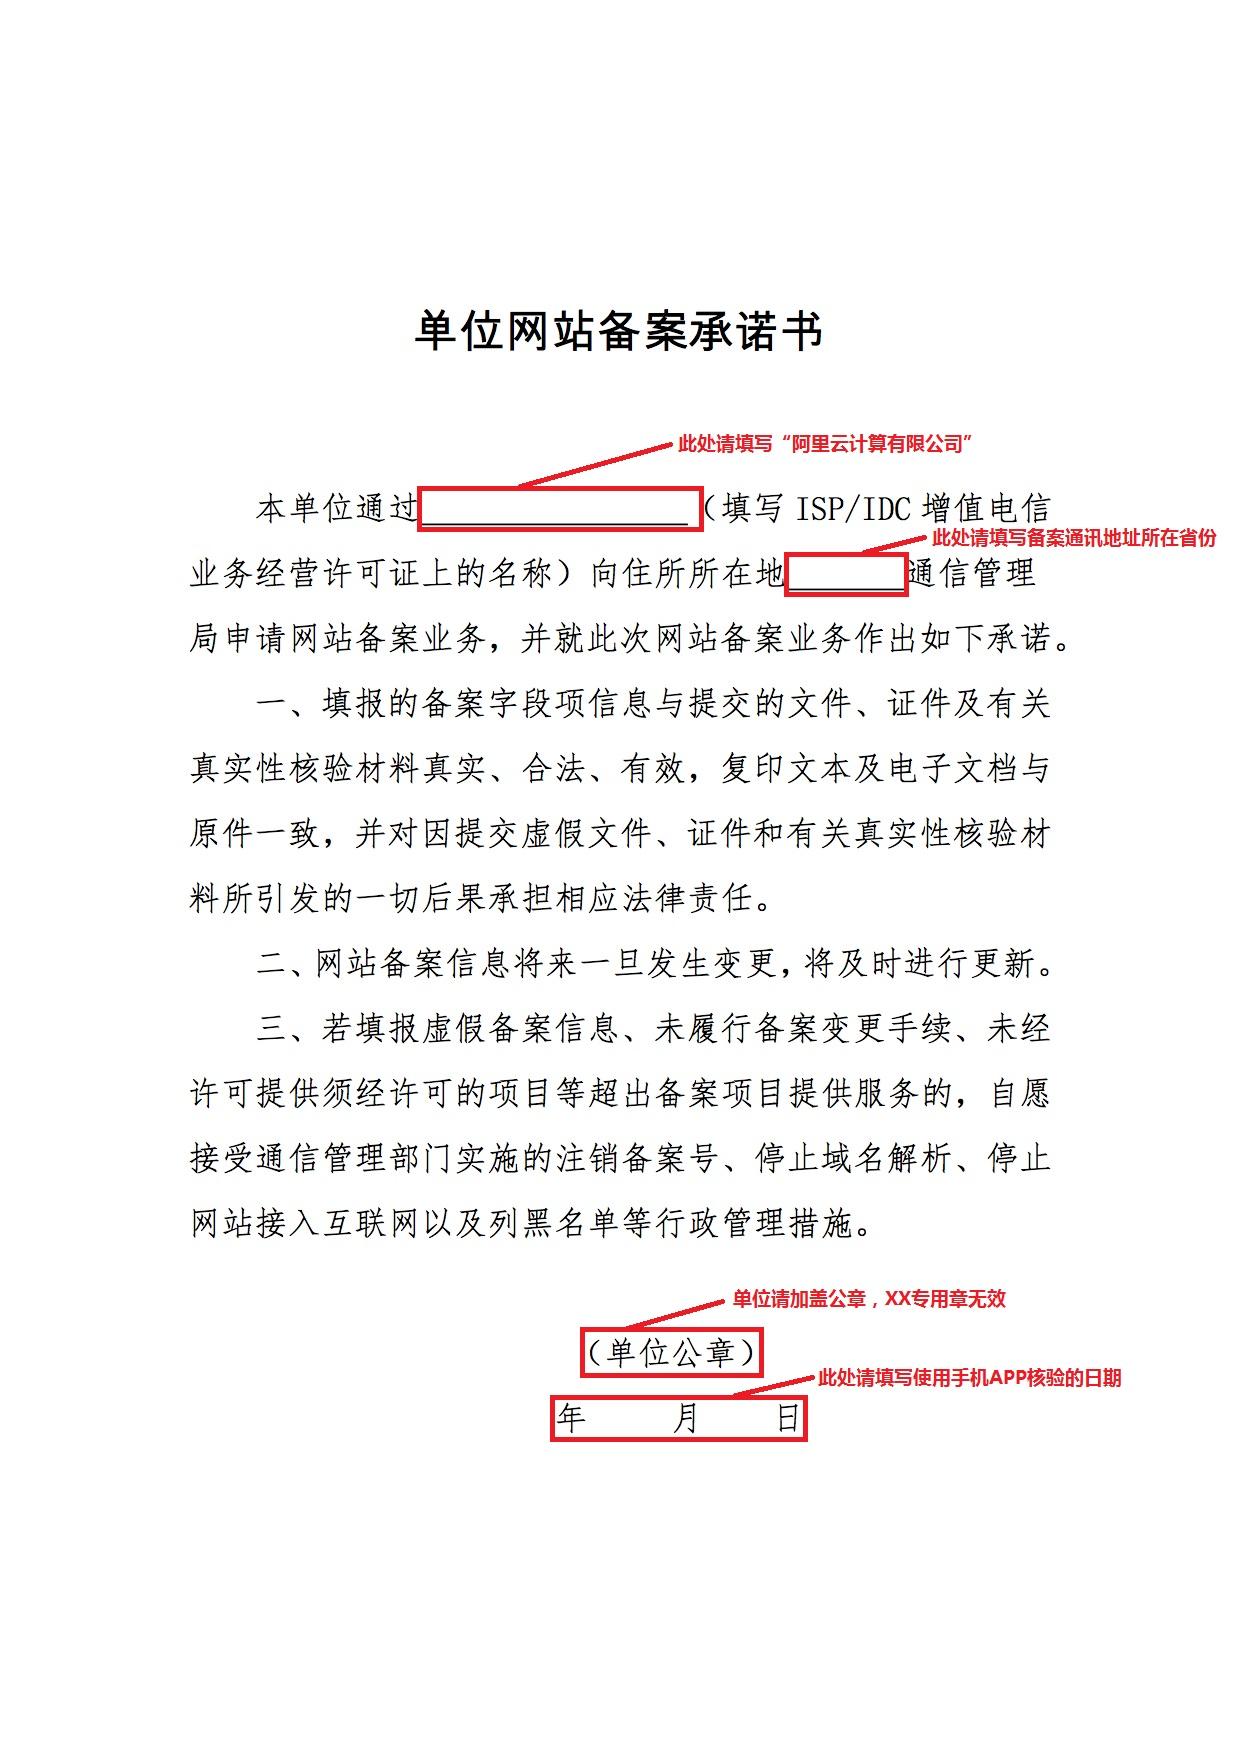 阿里云单位网站备案承诺书填写范本